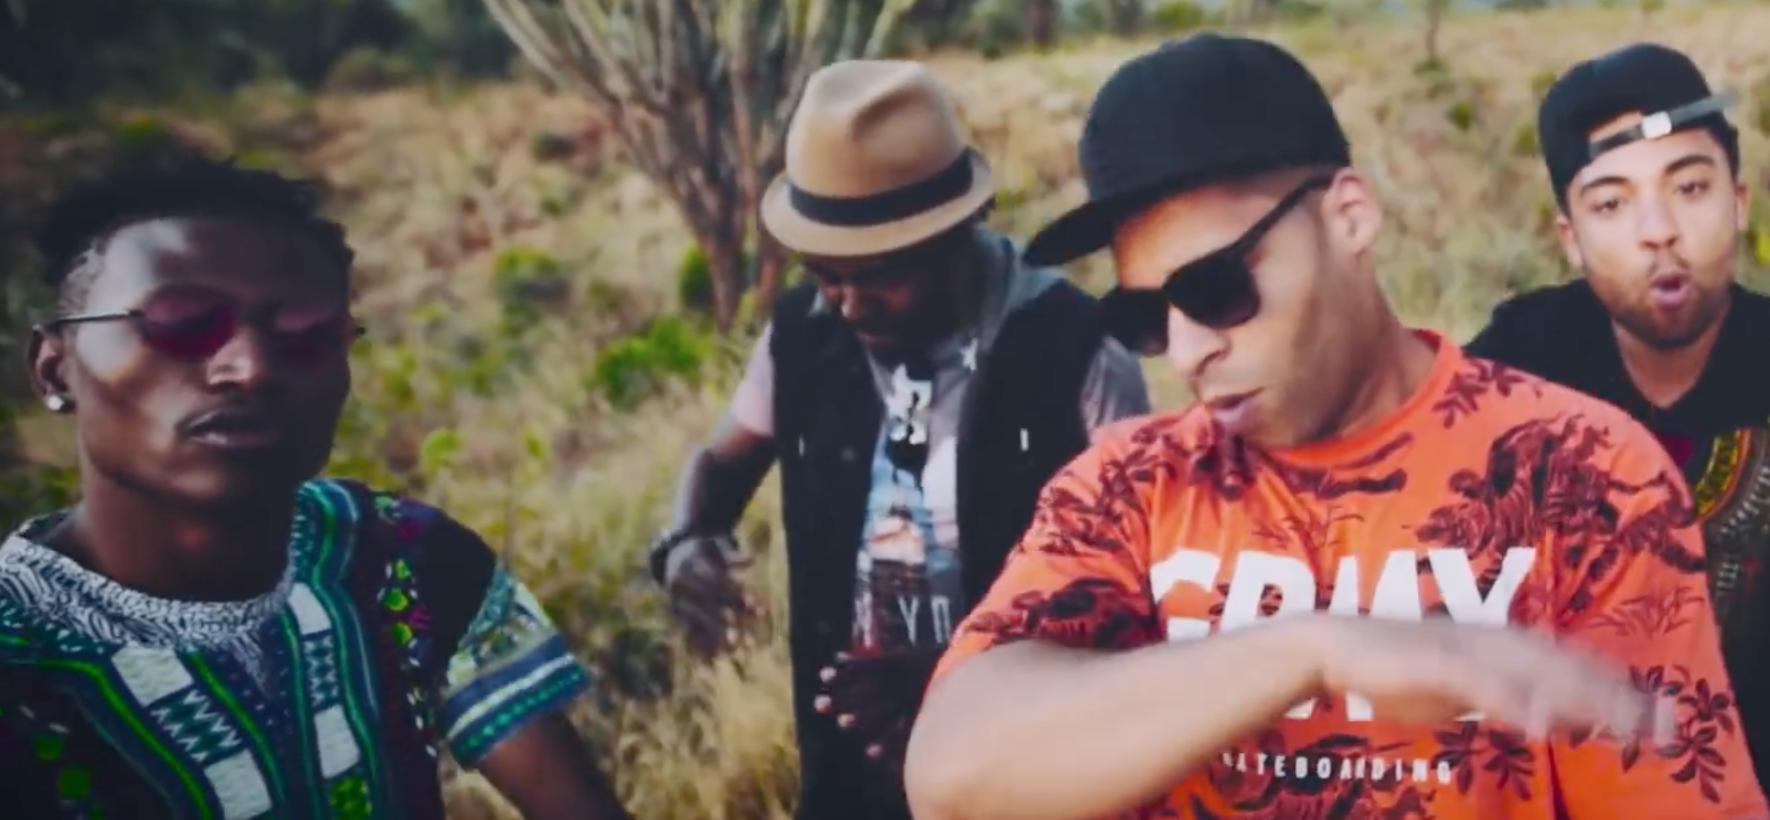 Screenshot aus dem Video zu Oyoyo von Megaloh